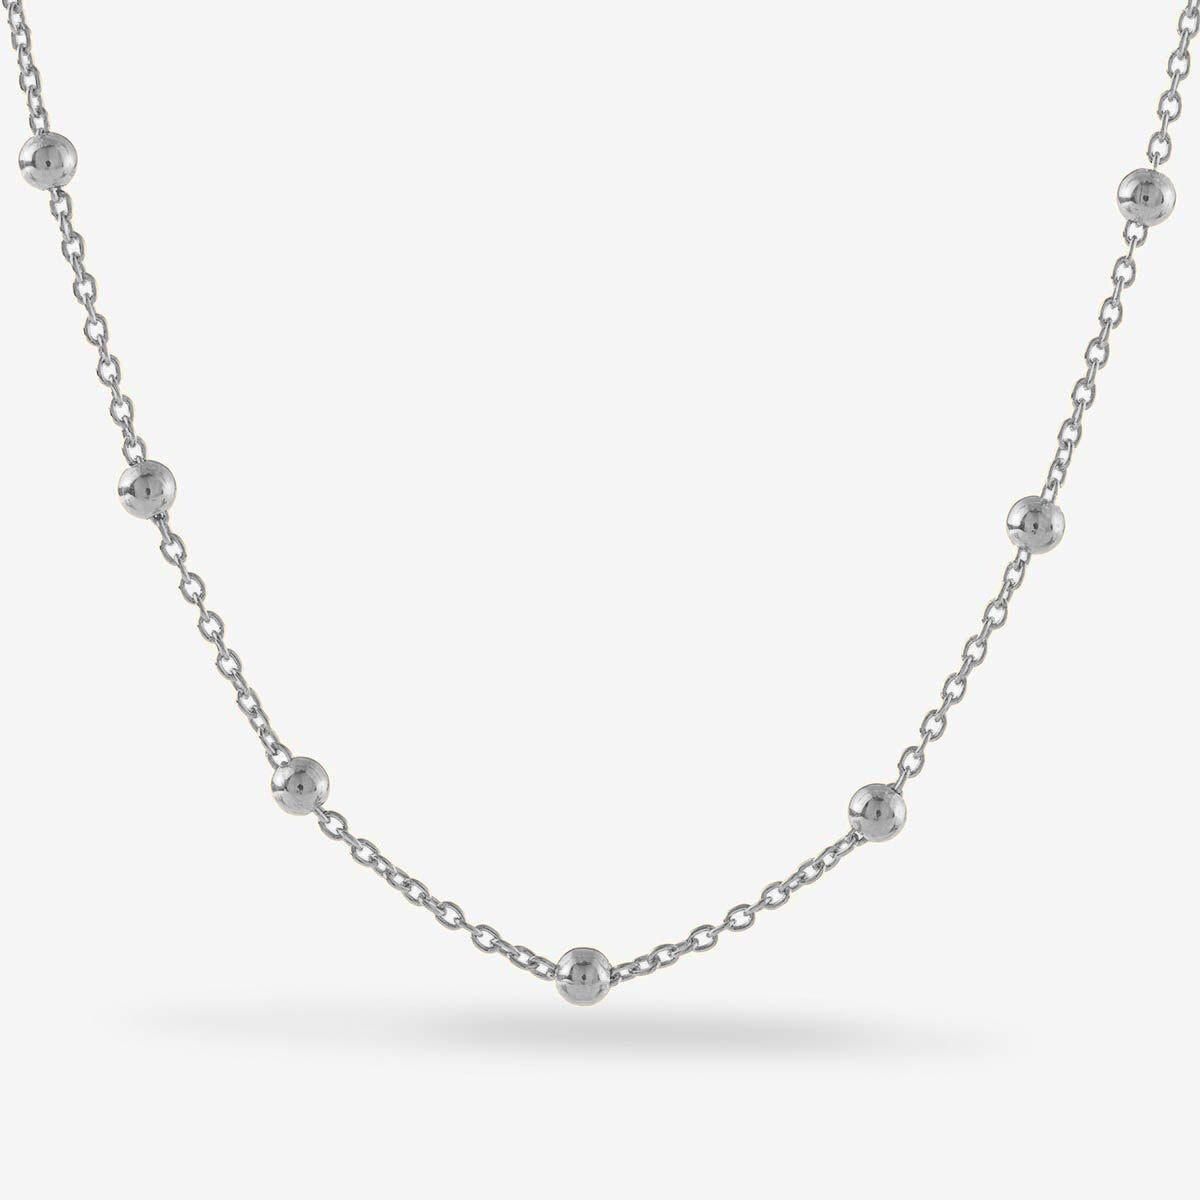 Ank - Silber